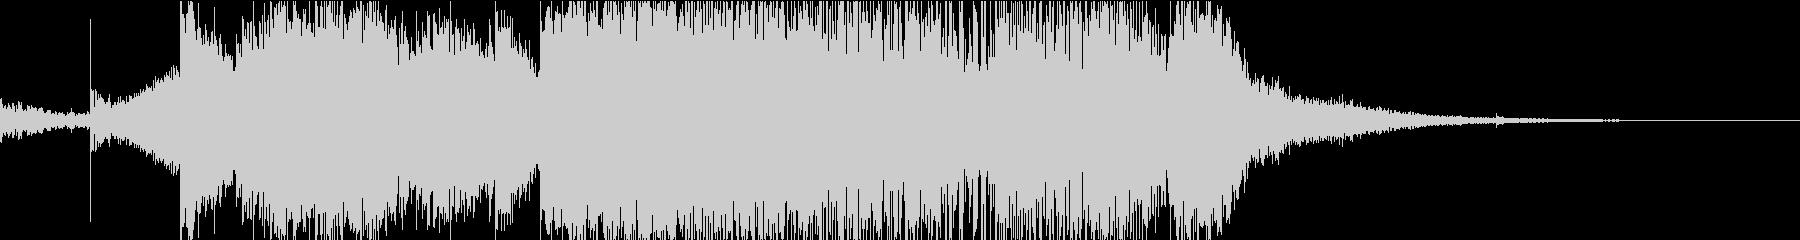 電子音とピアノのカッコいいオープニングの未再生の波形